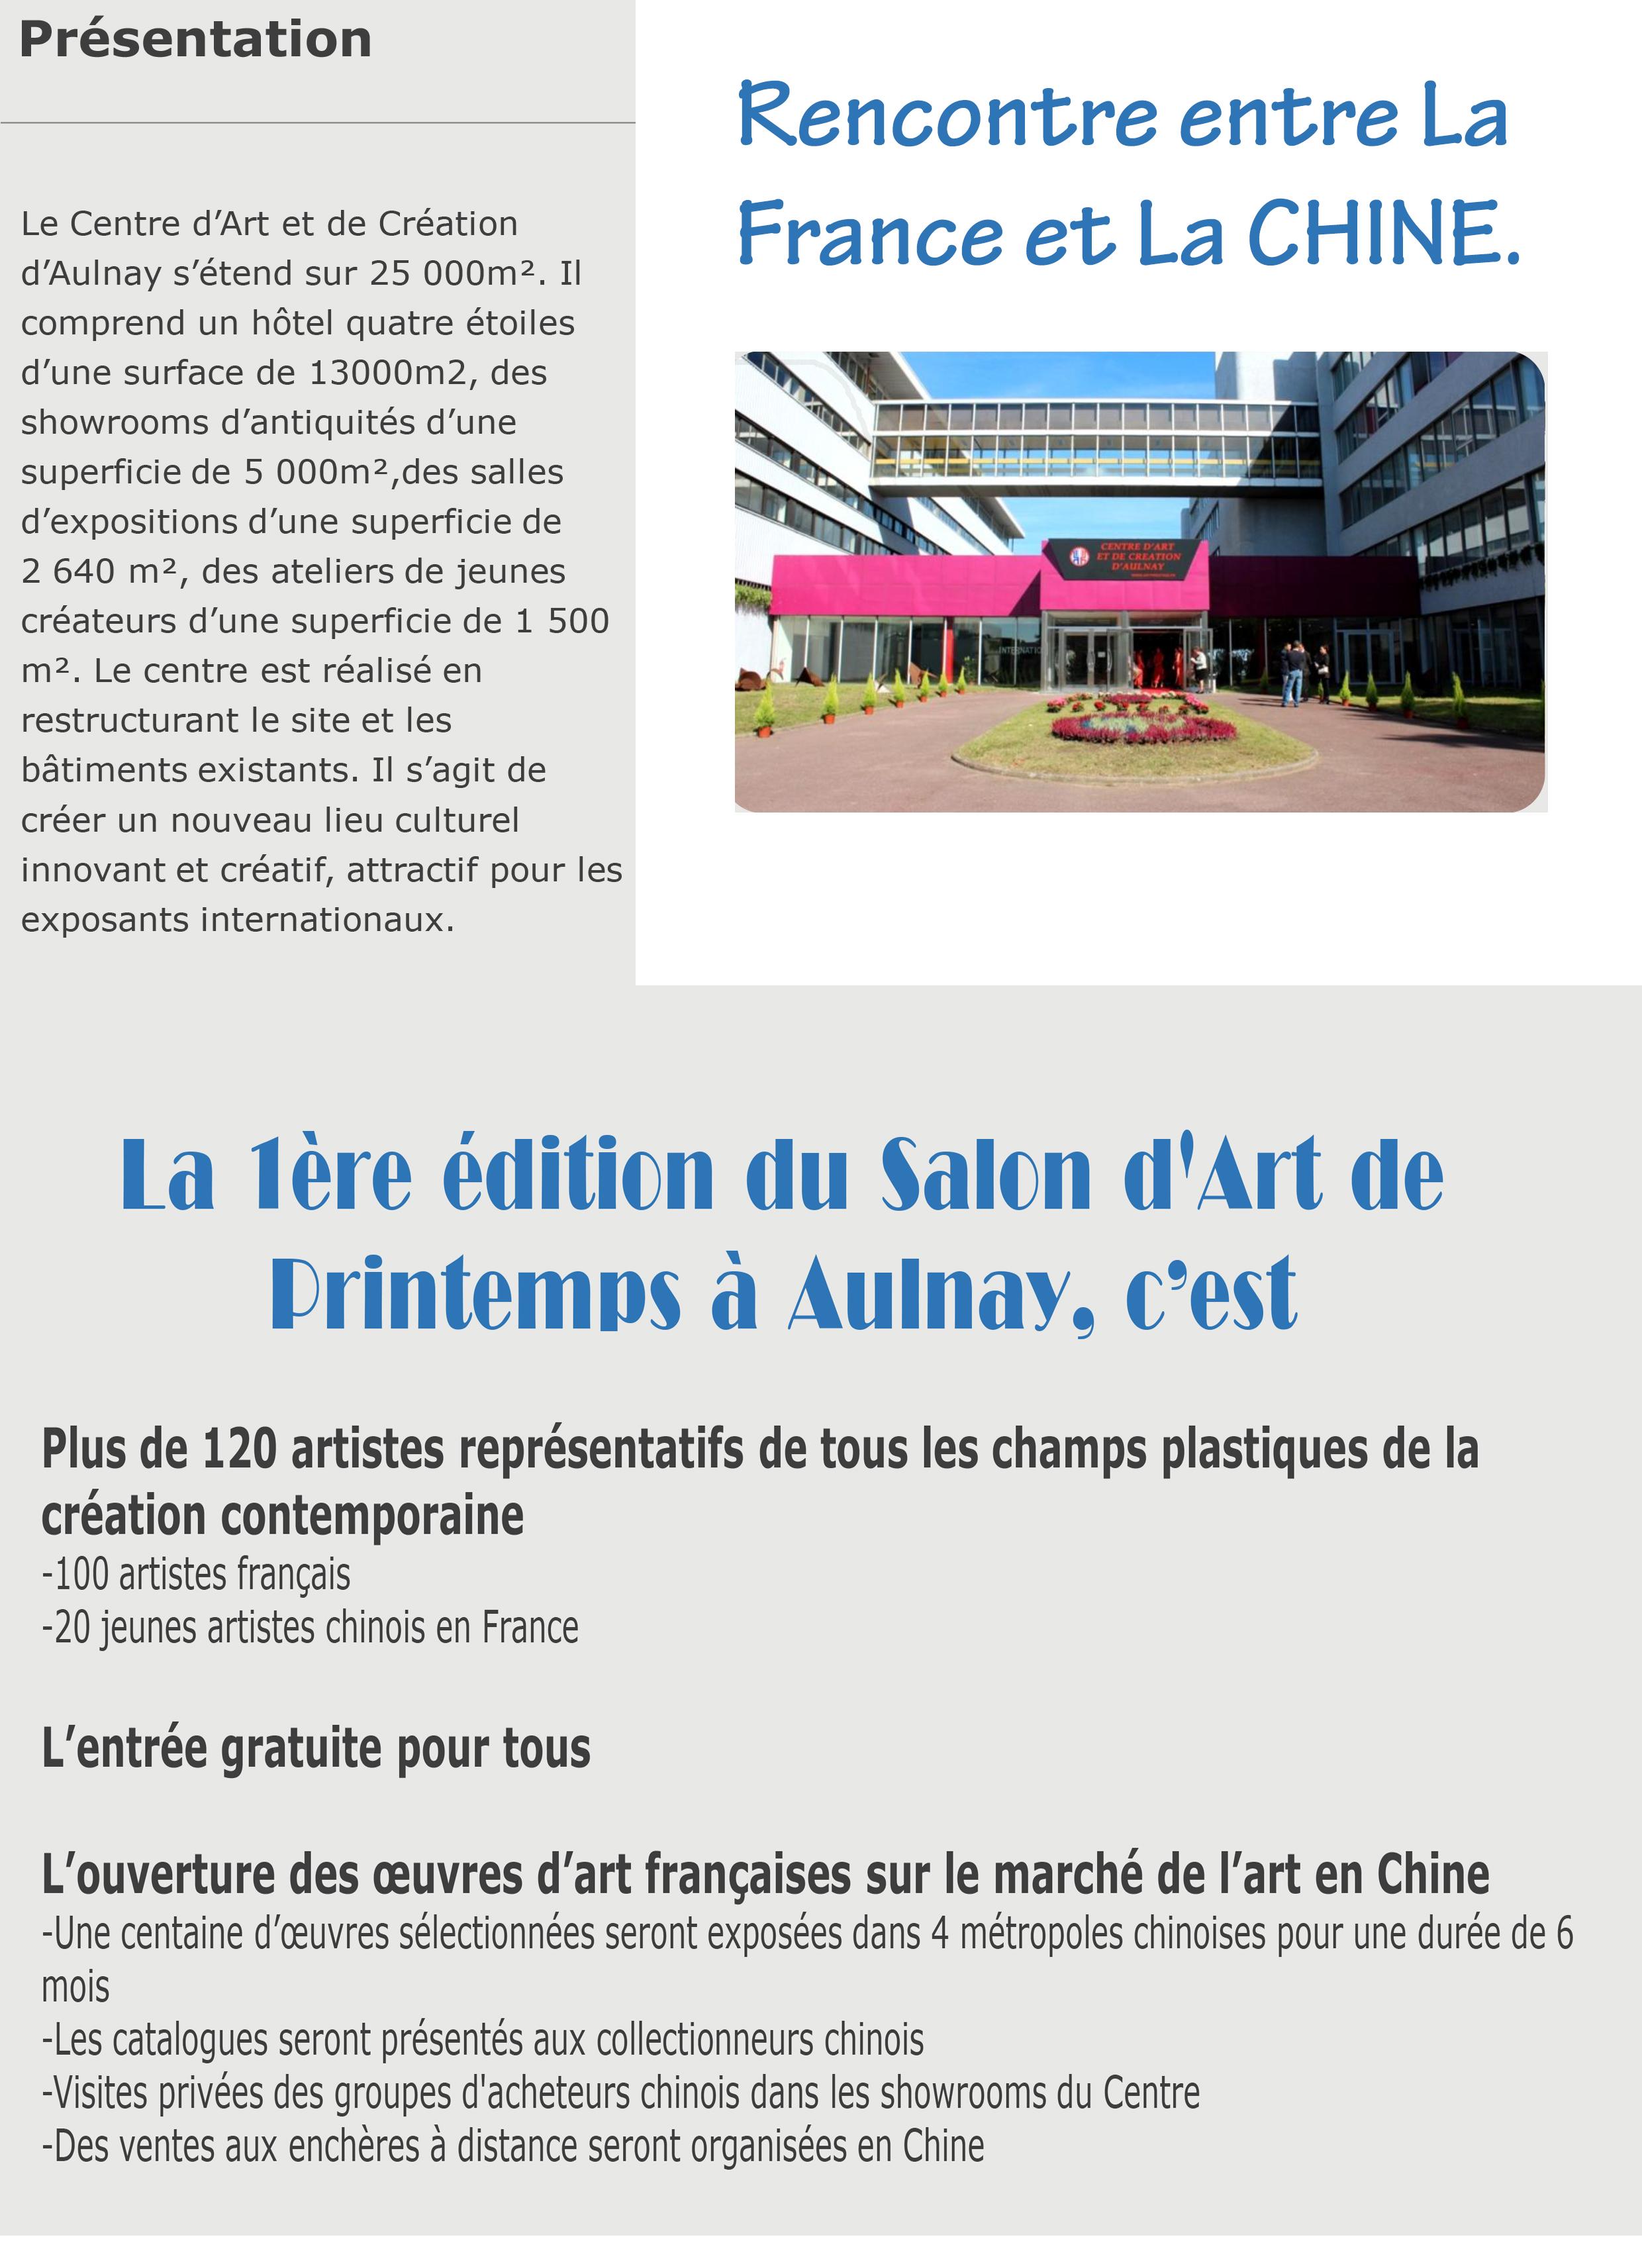 Rencontre entre La FRANCE et la CHINE à AULNAY